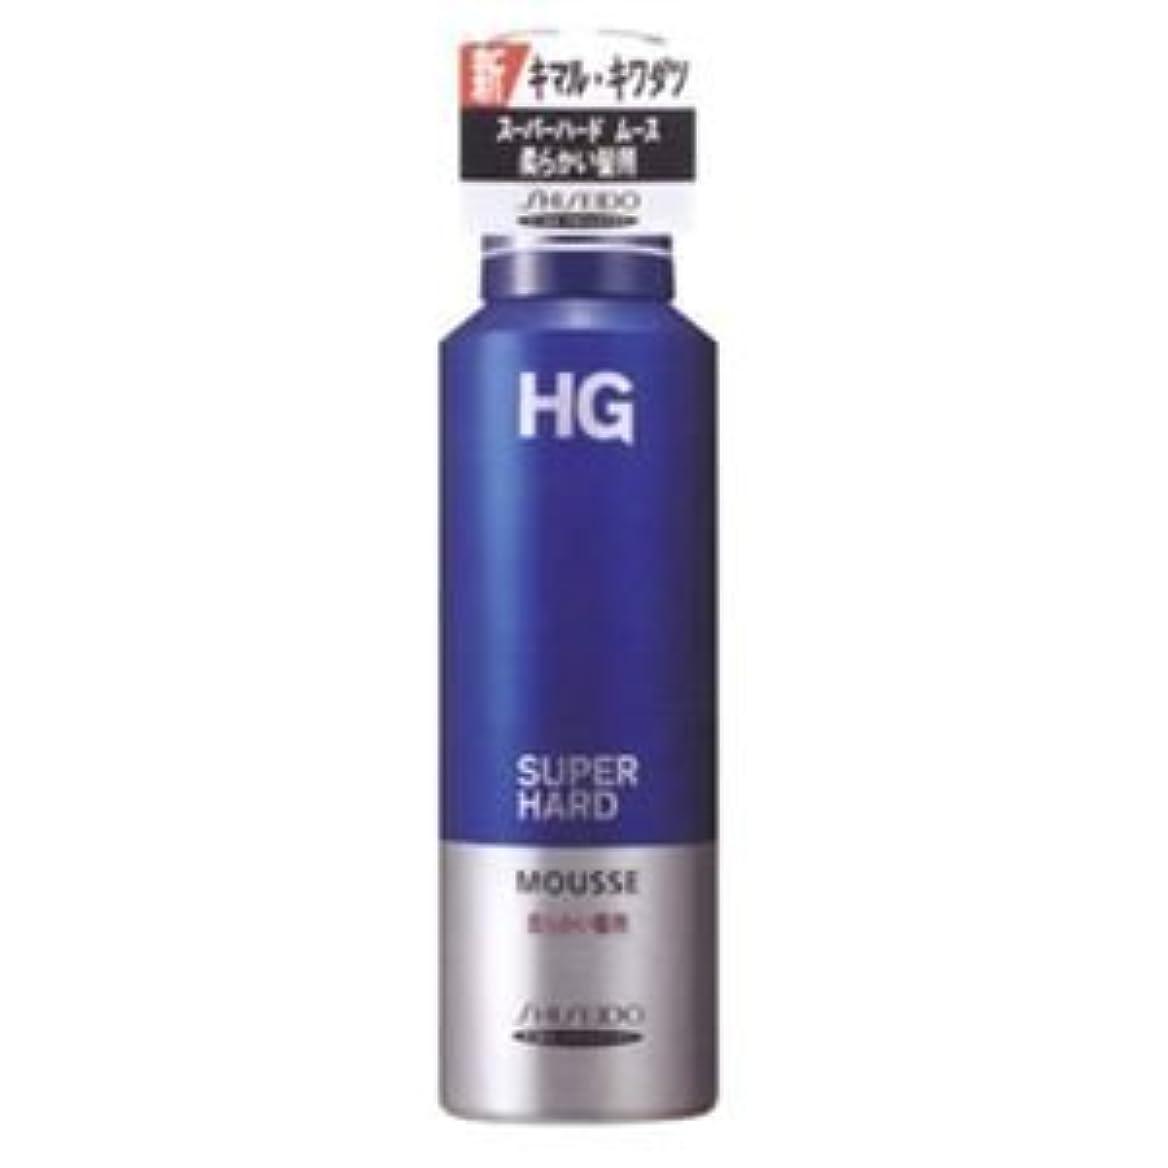 ルネッサンス追い出す花弁HG スーパーハードムース 柔らかい髪用 5セット